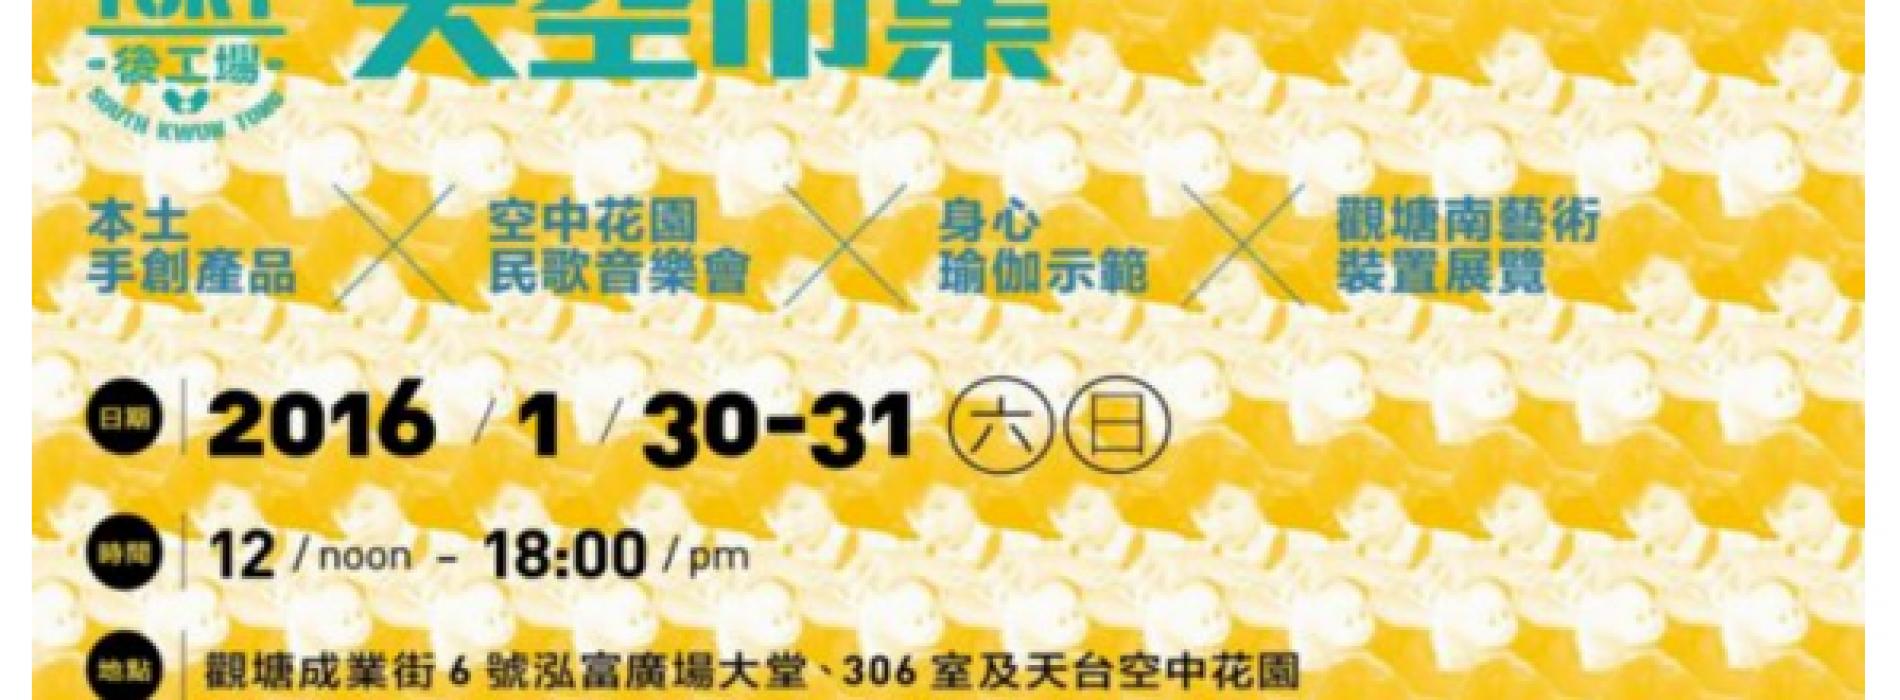 全天候親子好去處:南天空市集@觀塘 [30-31/1]